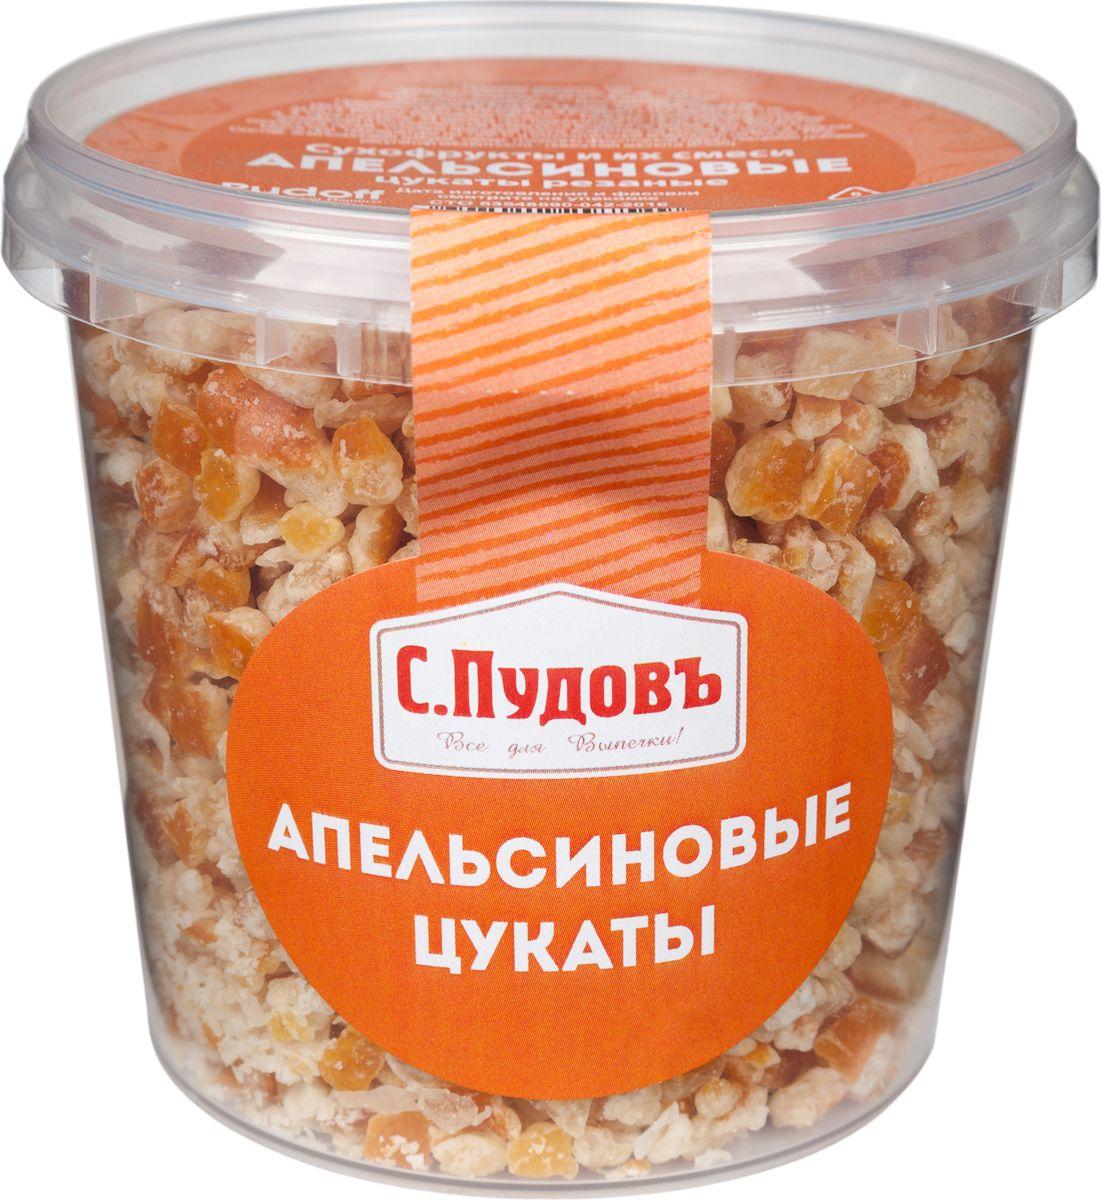 Пудовъ апельсиновые цукаты, 200 г пудовъ ванильный сахар 60 штук по 15 г